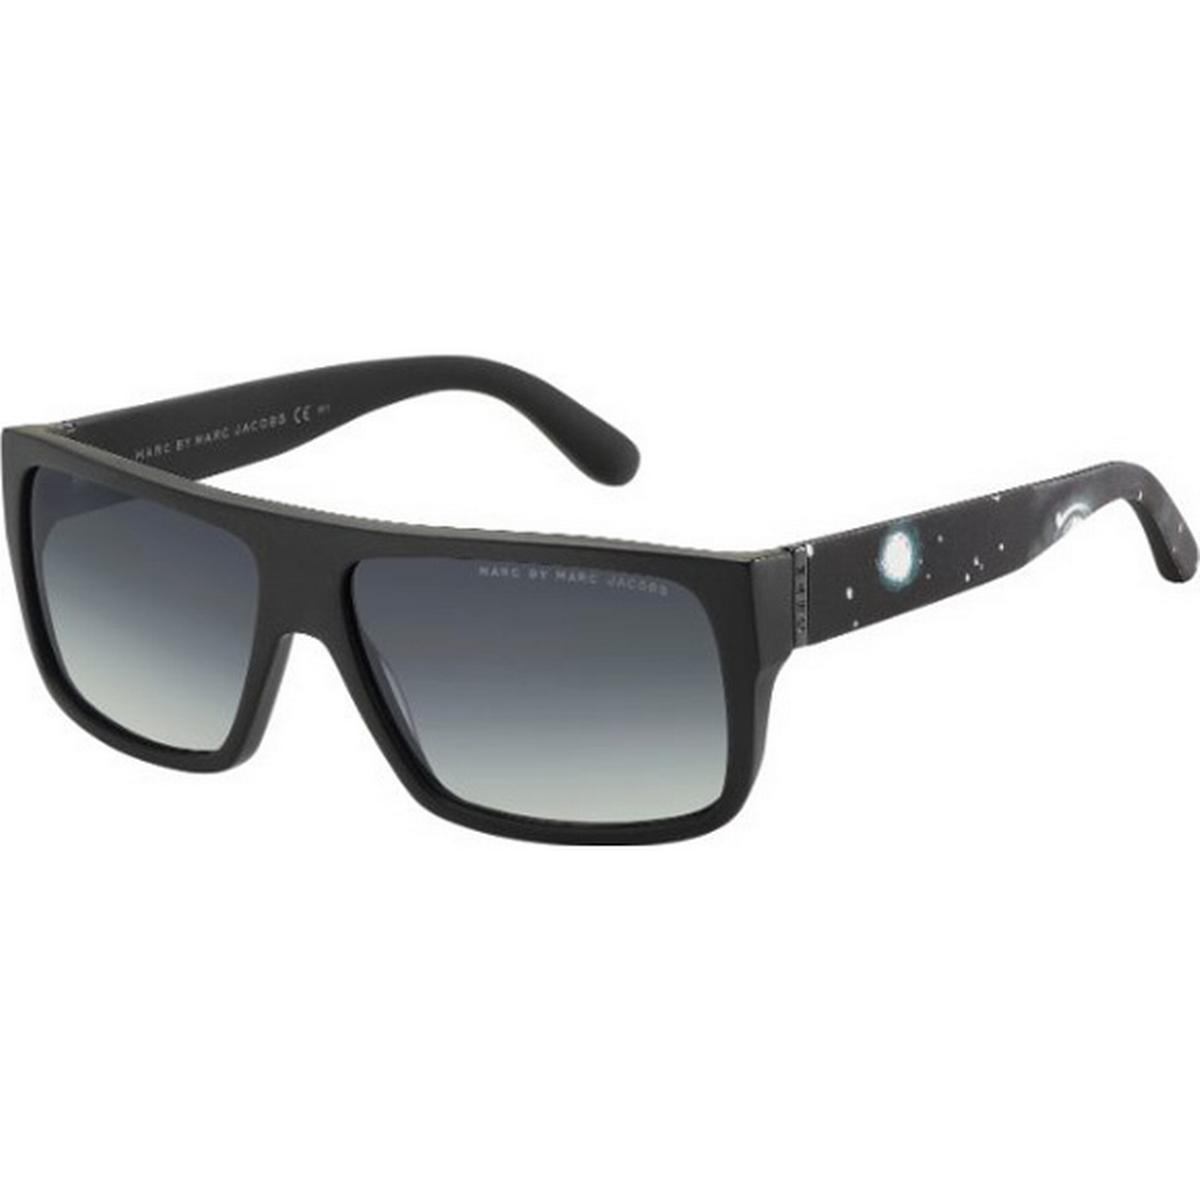 22cc3956b4aa Marc Jacobs Solbriller - Sammenlign priser hos PriceRunner